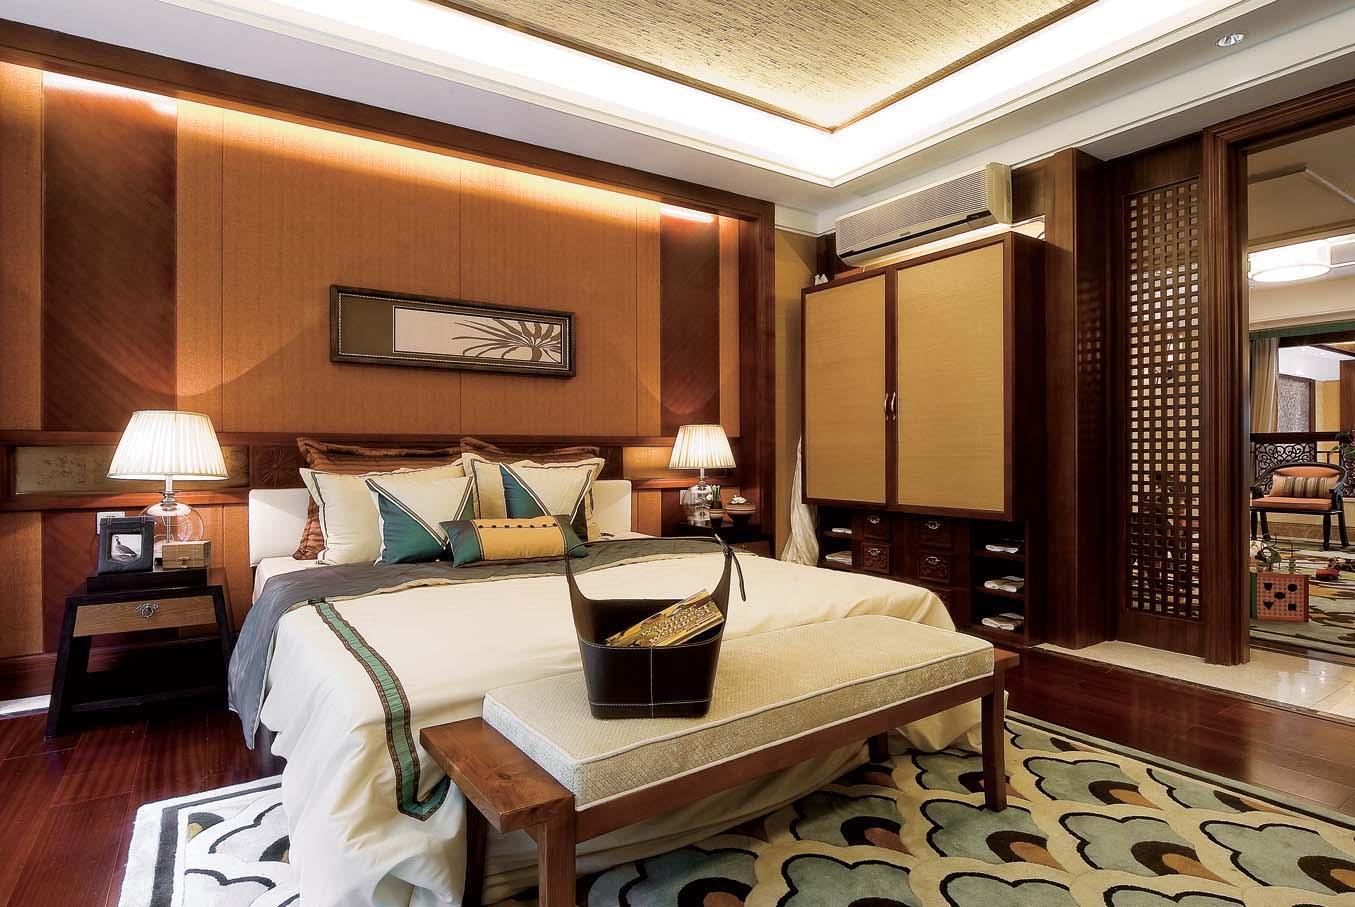 简约 别墅 装修设计 慕尚家居 海伦春天 卧室图片来自慕尚族在海伦春天的分享